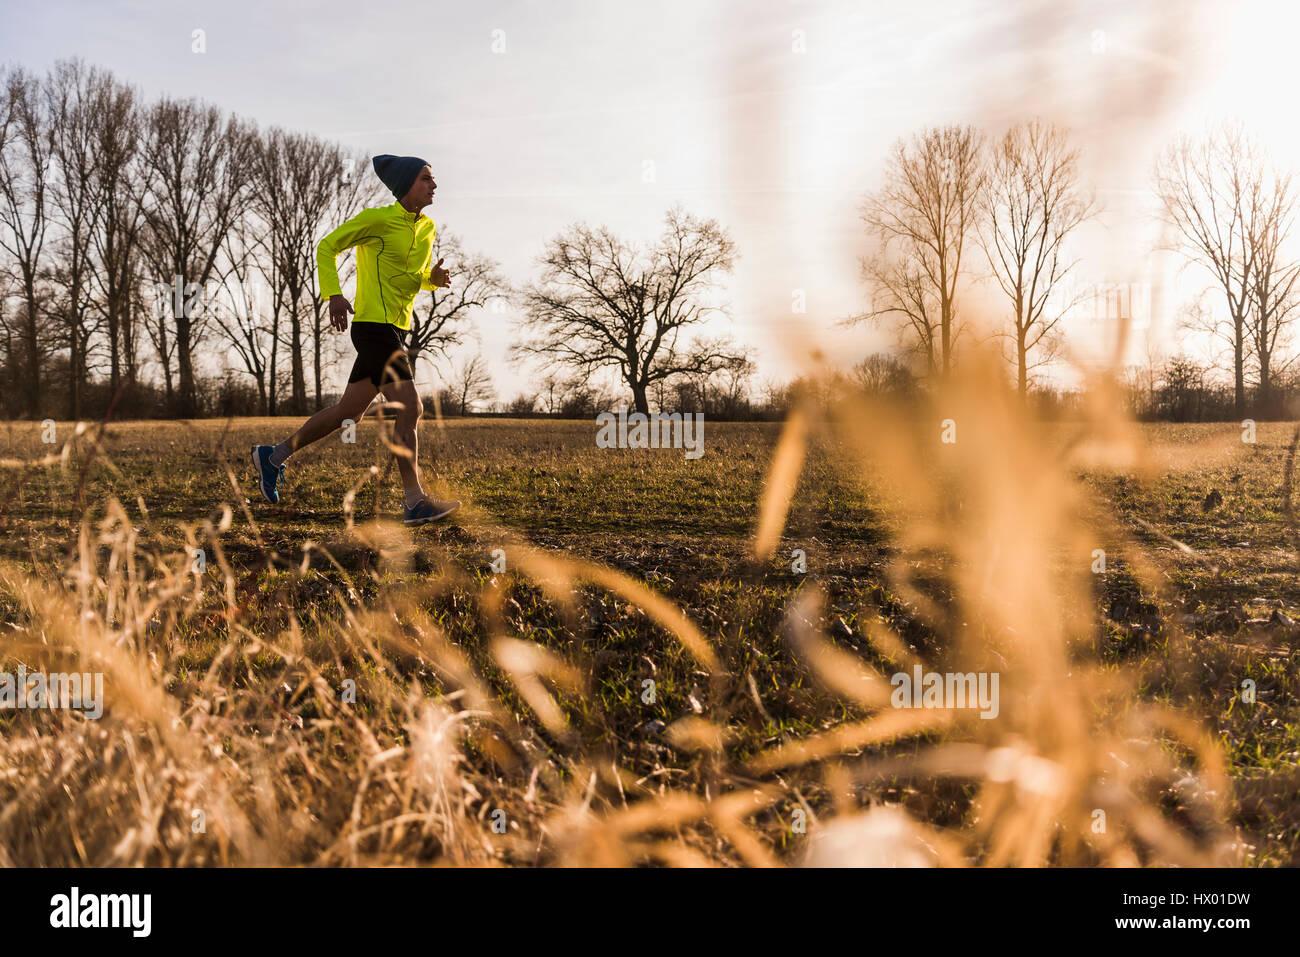 Hombre corriendo en el paisaje rural Imagen De Stock